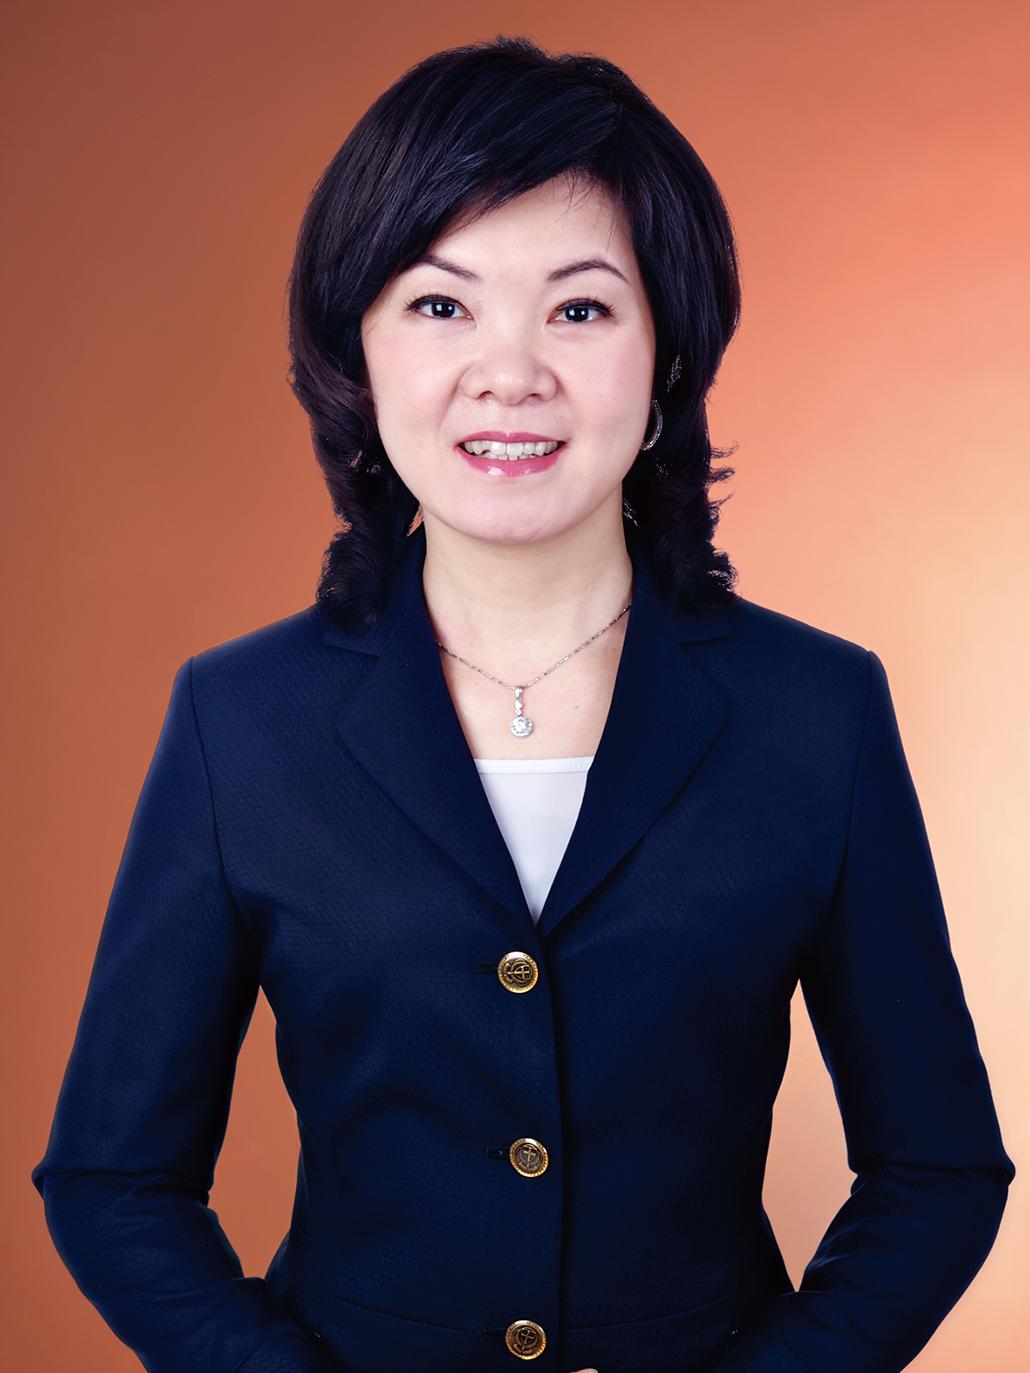 蘇秋碧肖像